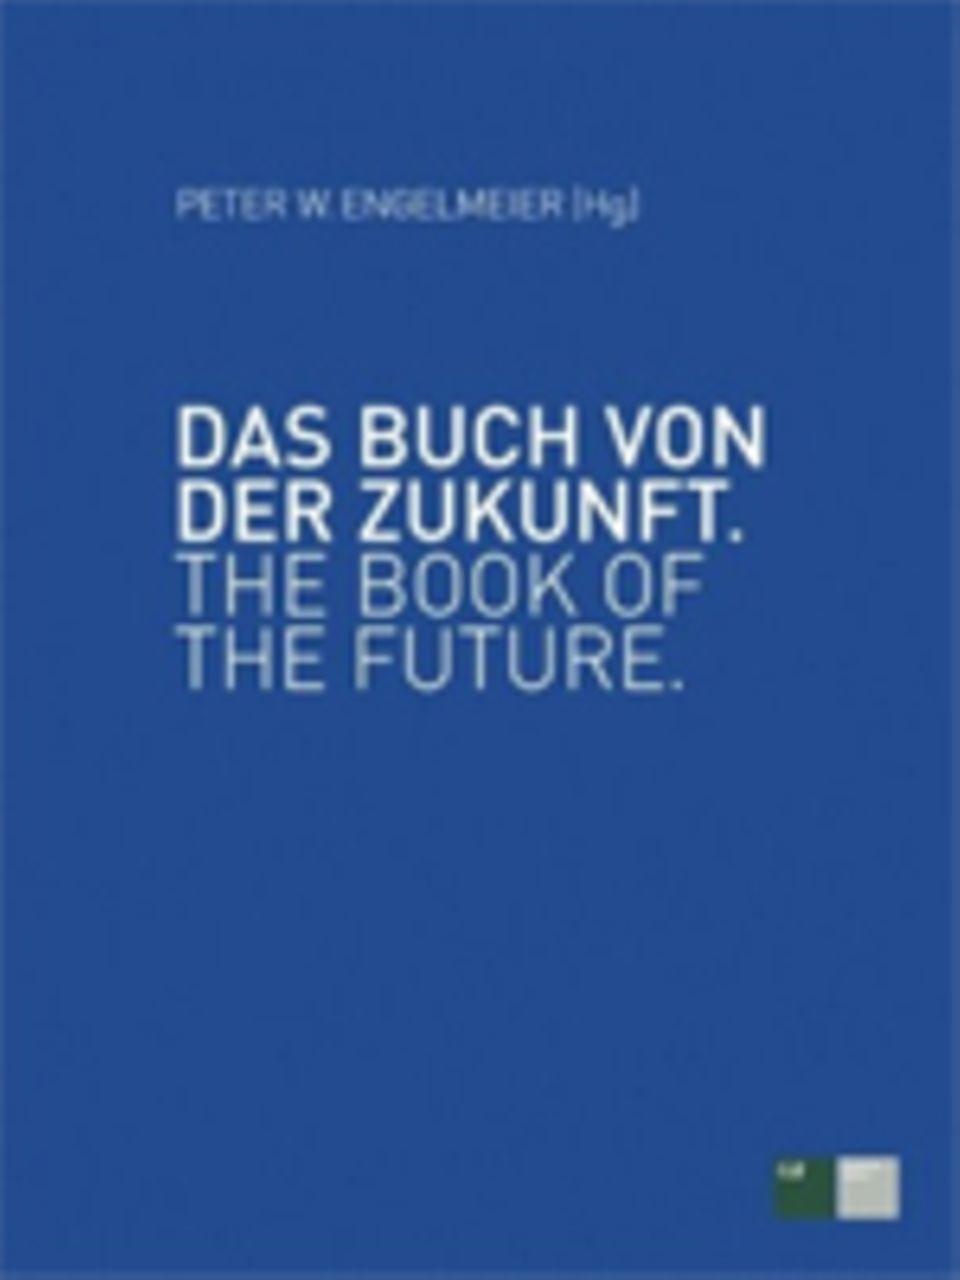 """Alternativer Nobelpreis: Der Beitrag erschien zuerst in """"Das Buch von der Zukunft"""", hg. von Peter W. Engelmeier, G+J Corporate Editors 2013, 39,50 Euro, ISBN 3652002946"""